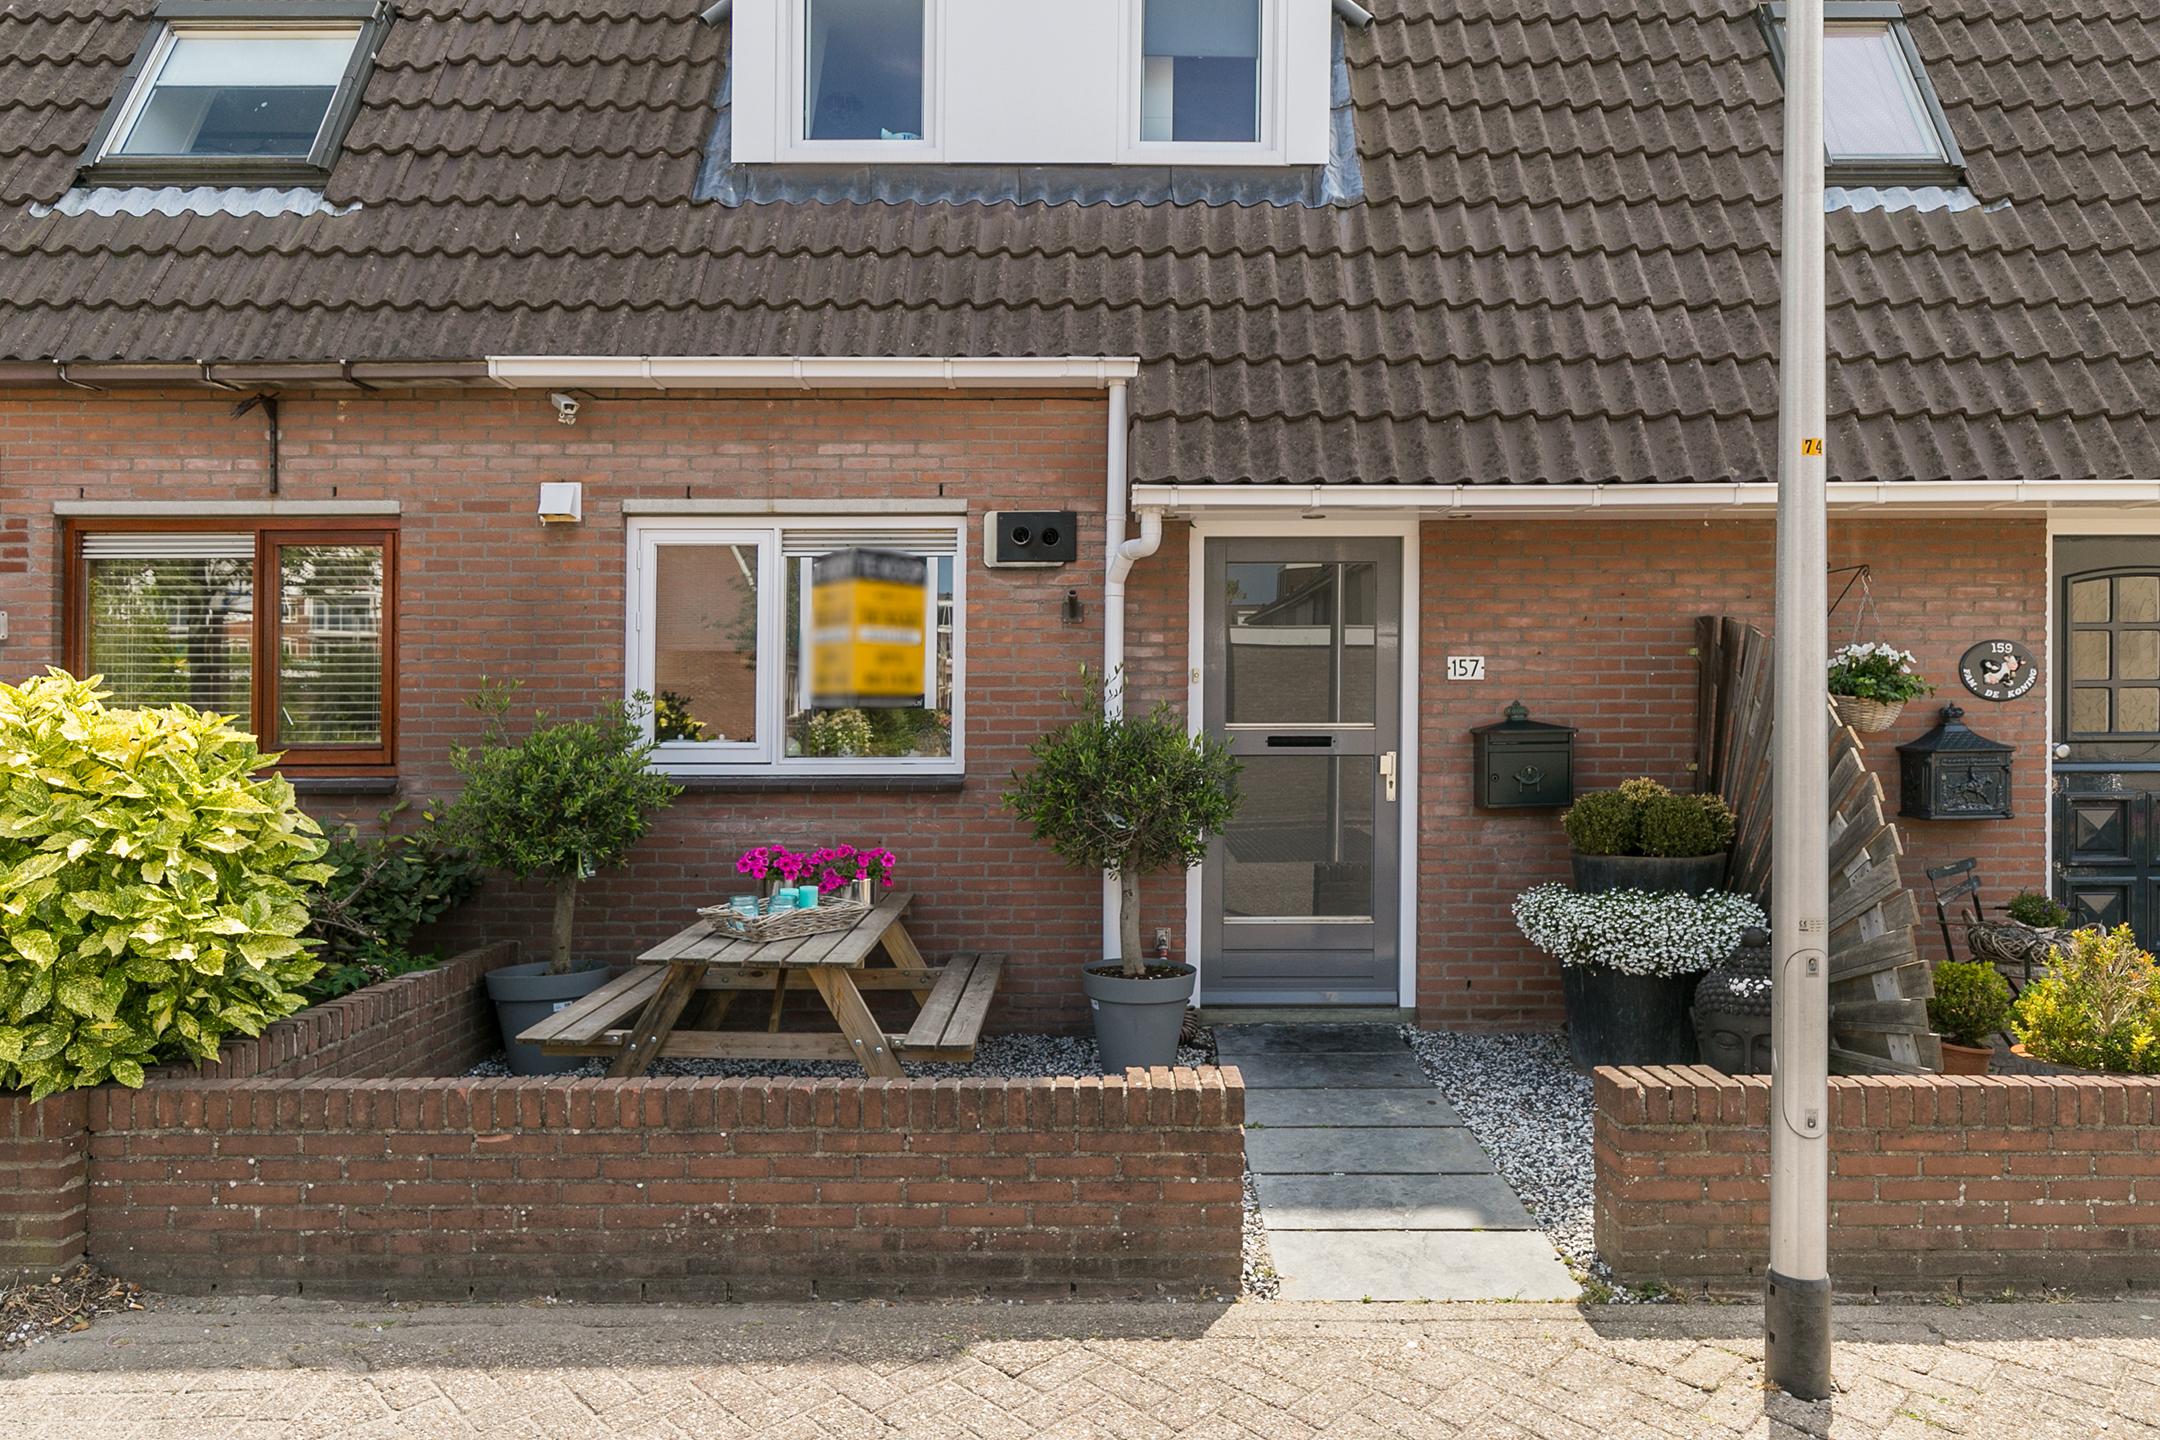 Thuiskantoor Uitbouw Tuin : Oranjelaan 157 te rijnsburg woning de raad makelaars katwijk